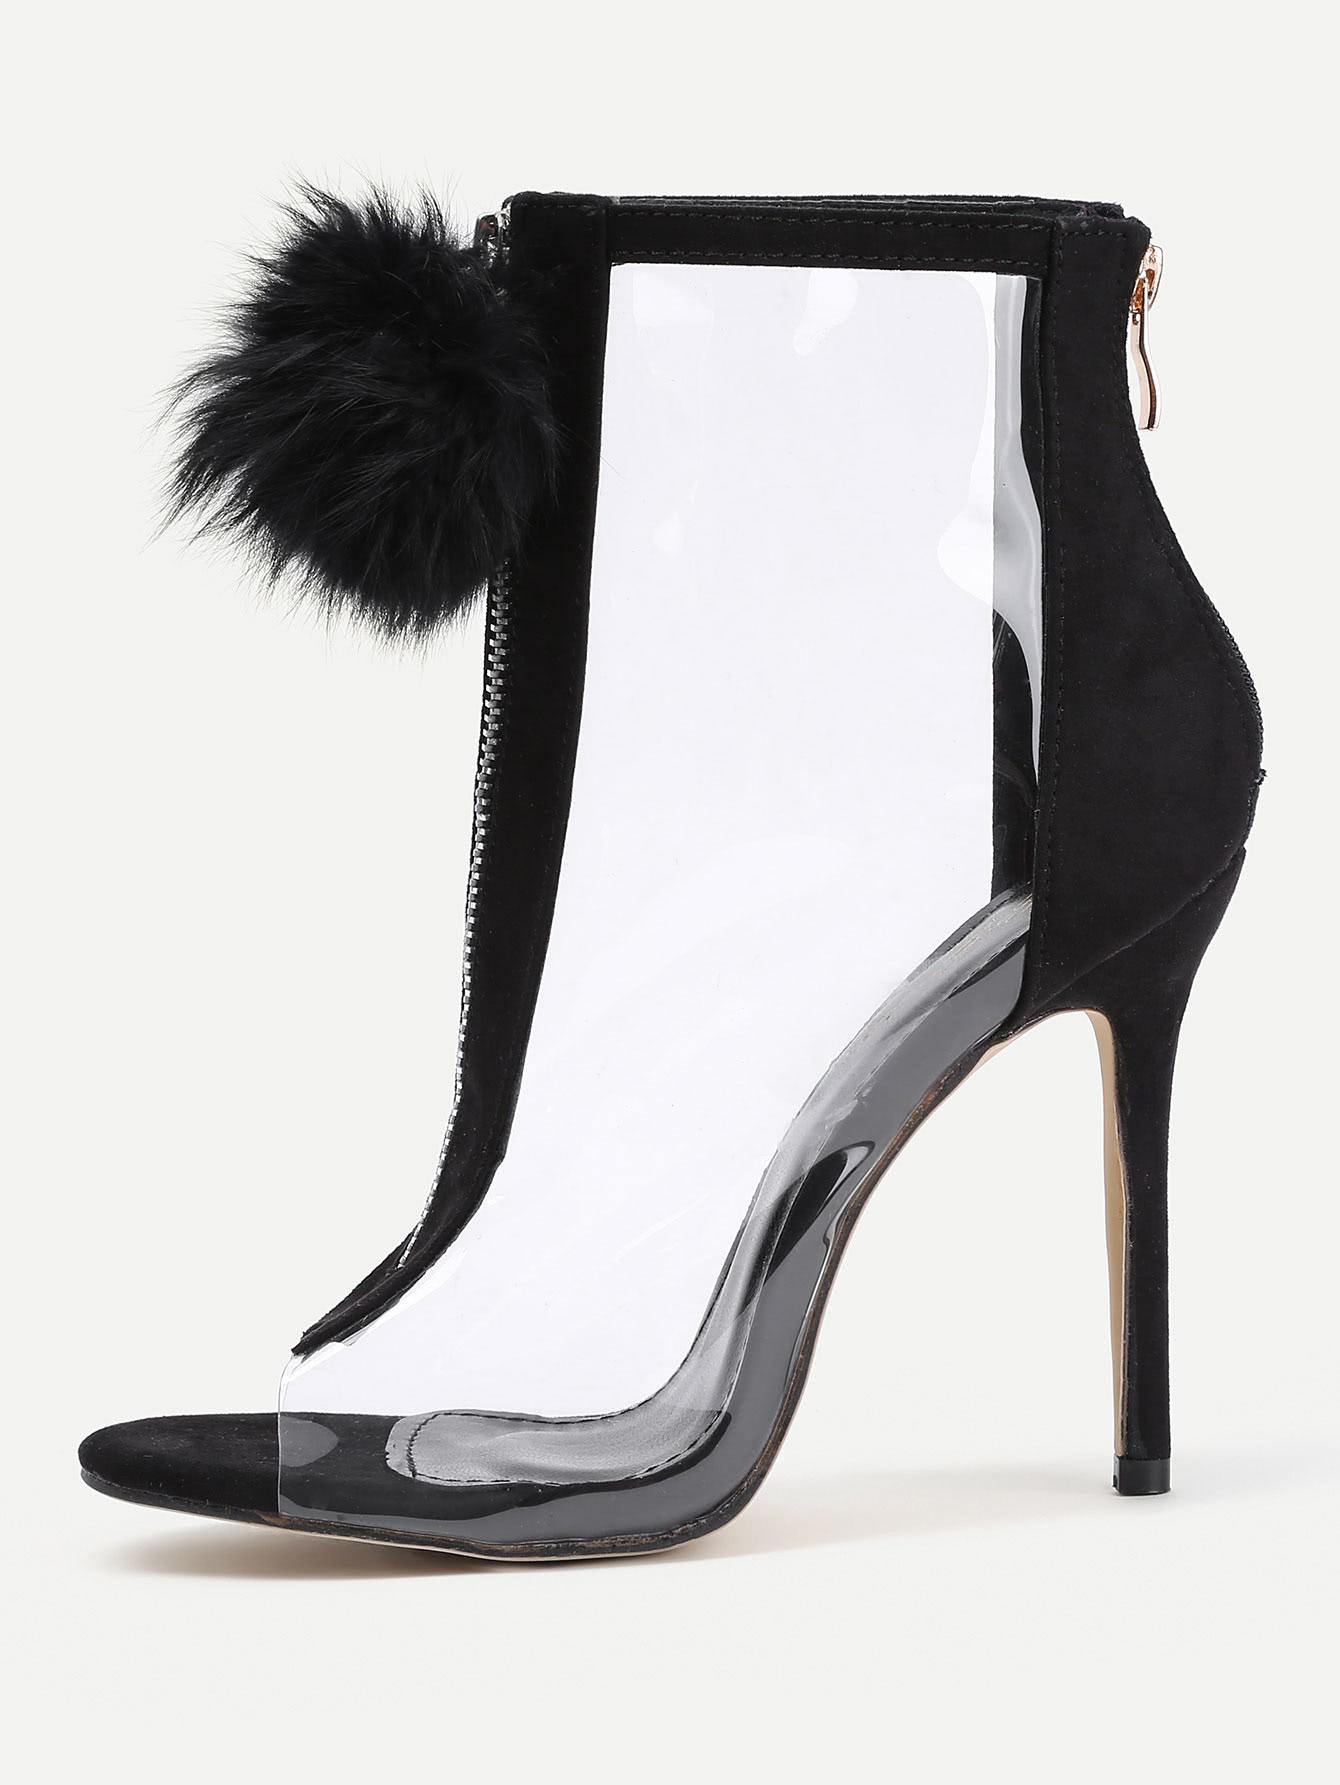 Купить Модные босоножки на каблуках с помпонами, null, SheIn